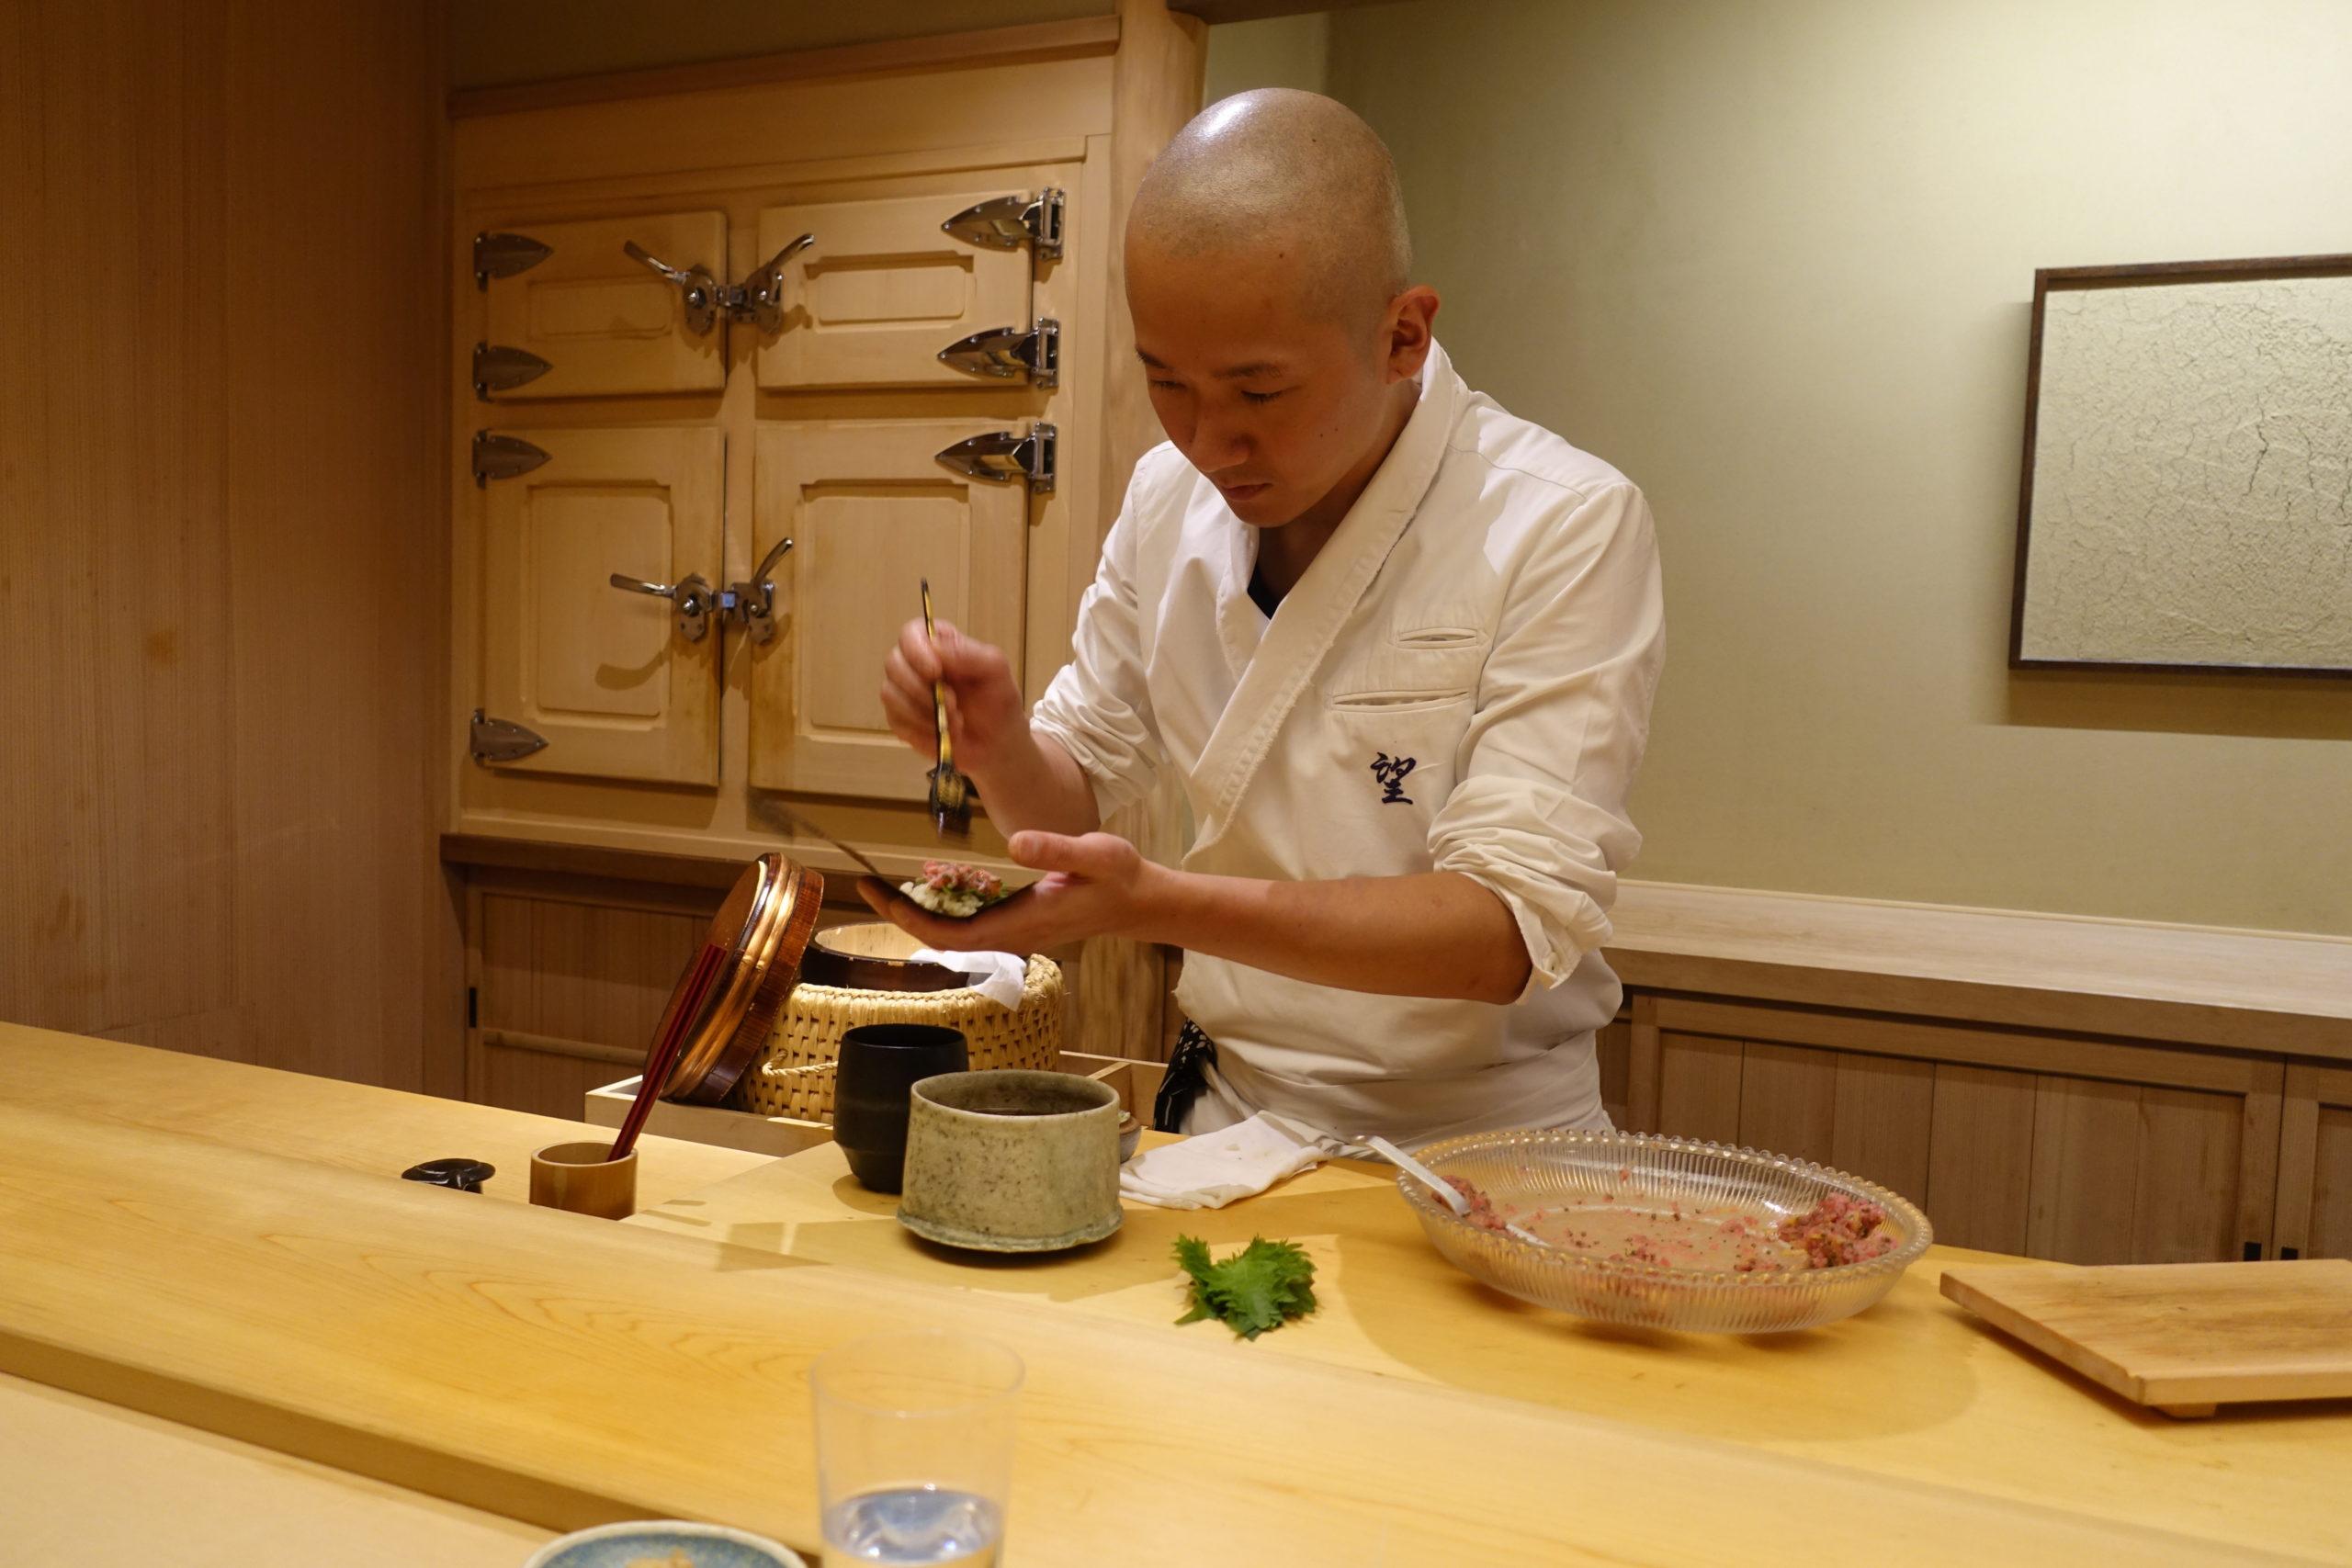 もはや芸術?NYのこだわり抜かれた究極の寿司屋「Sushi Noz」が凄過ぎた。